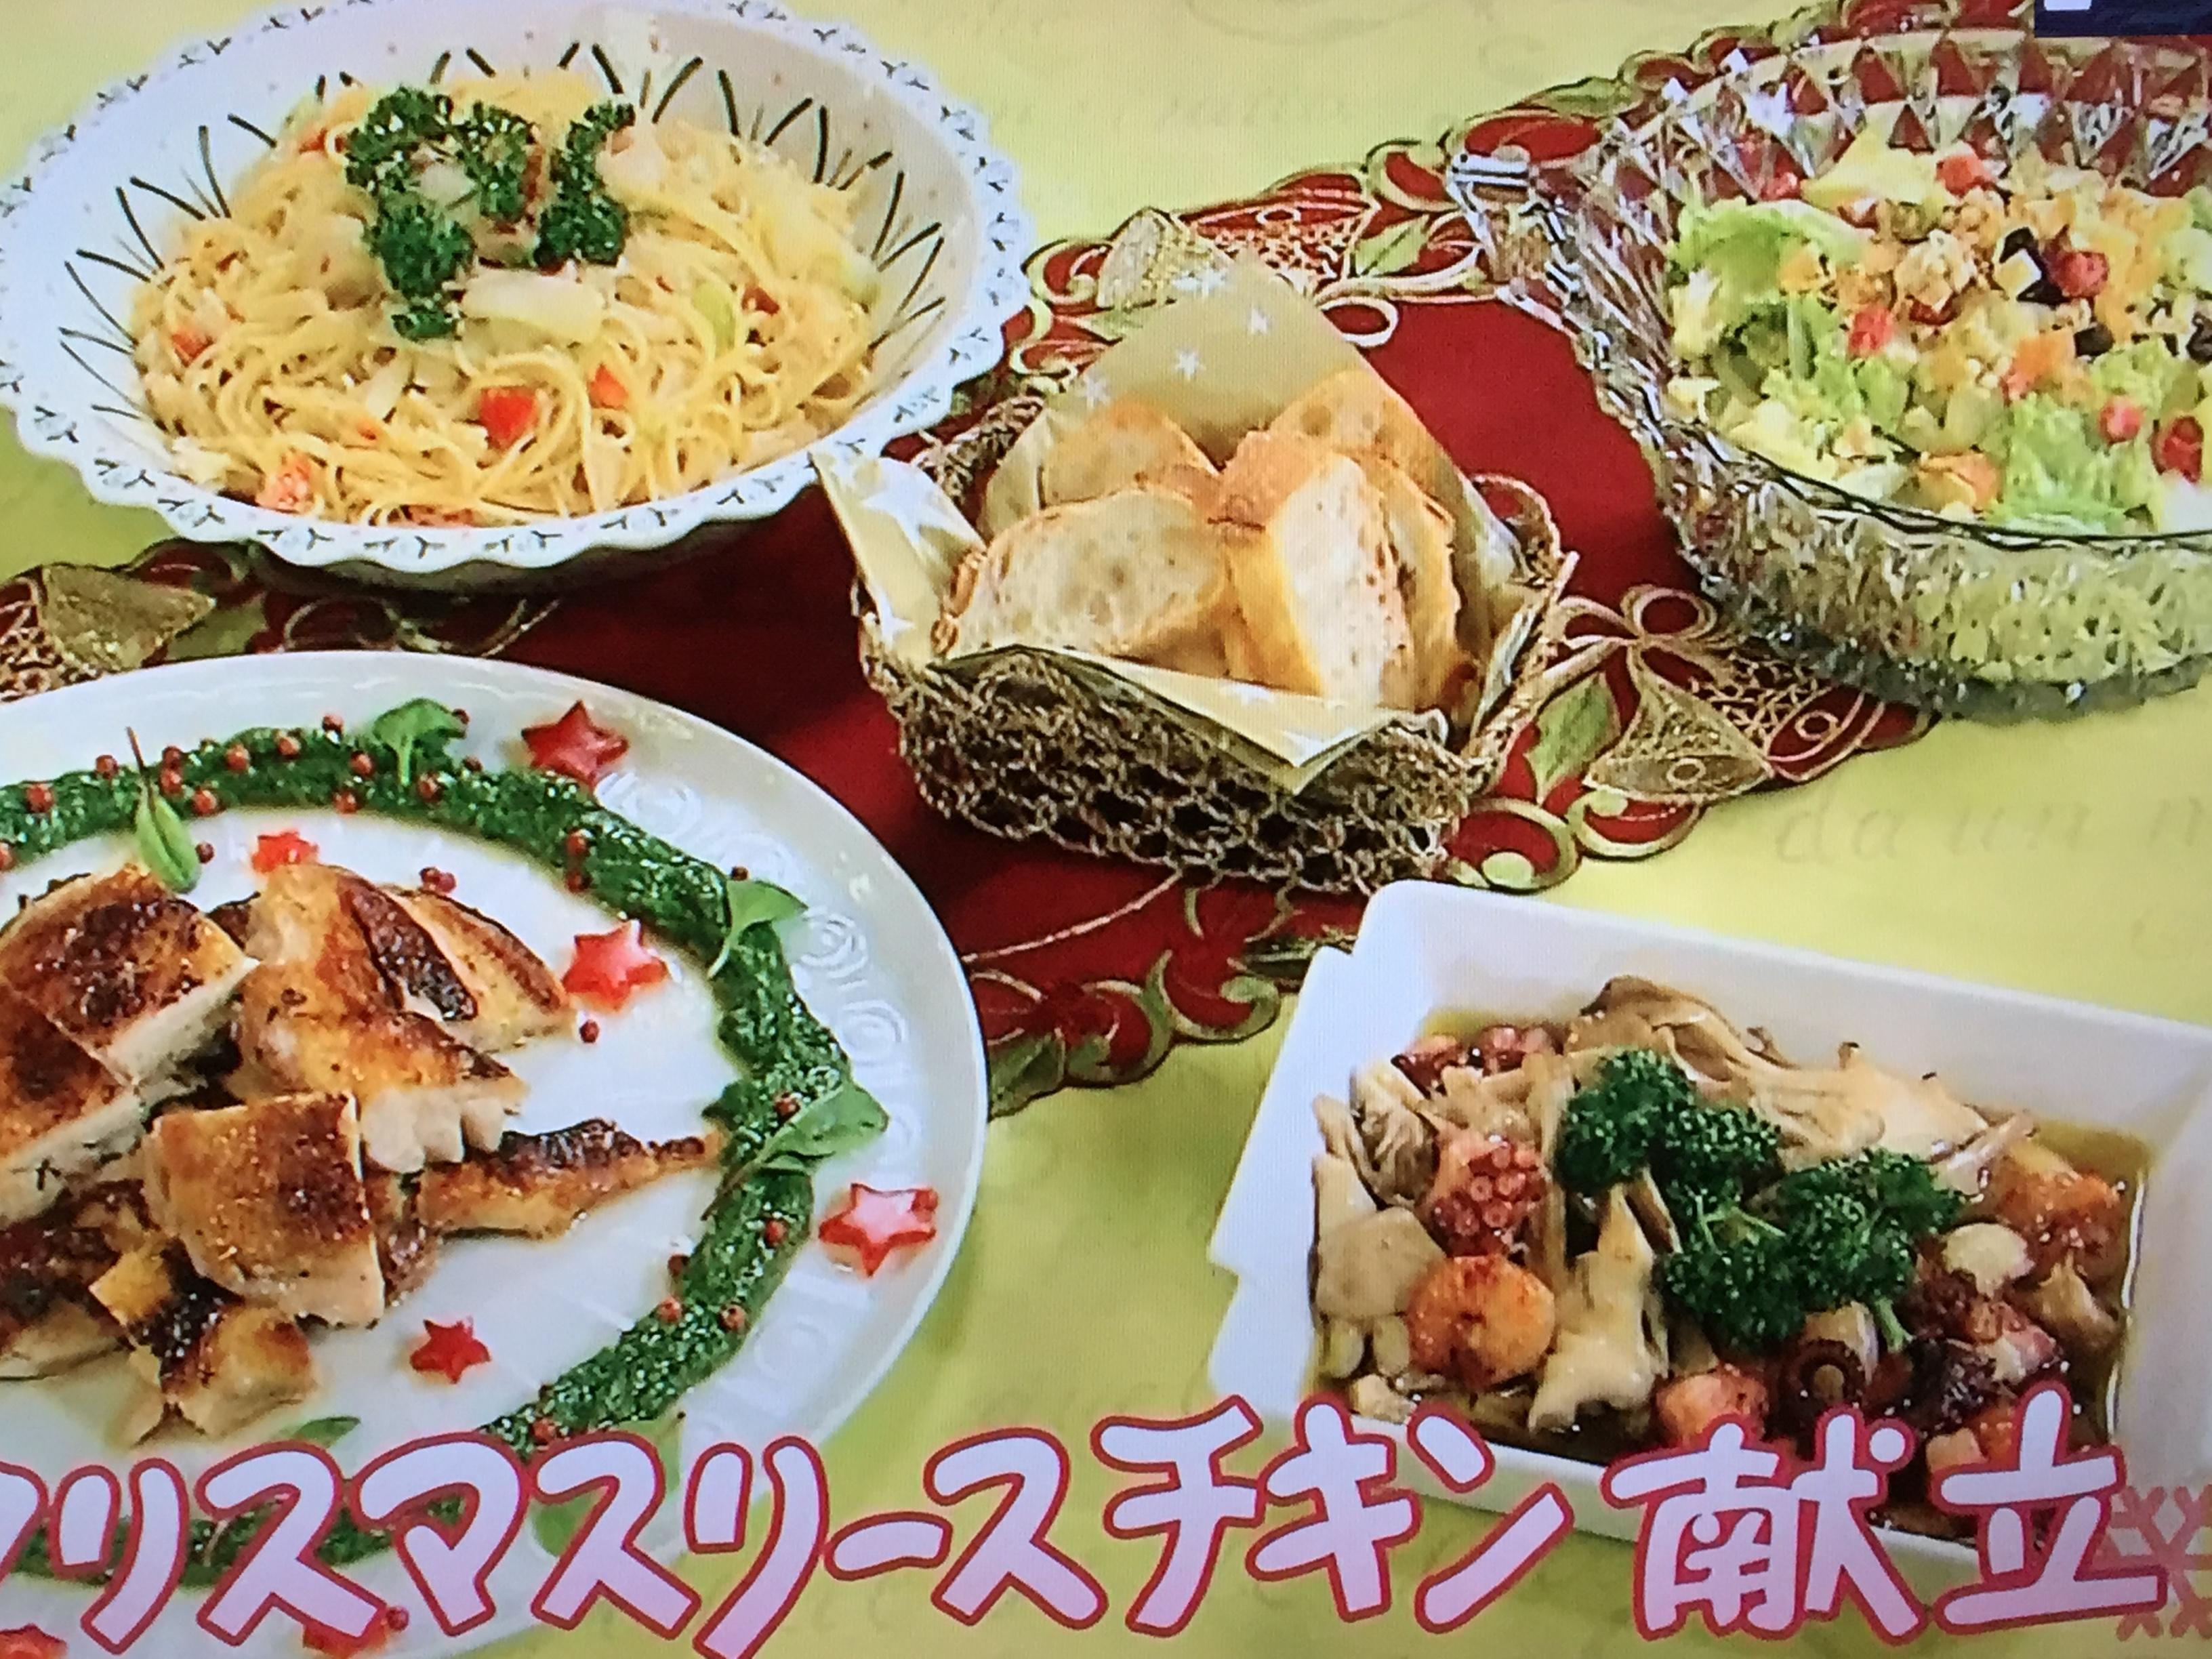 NHKきょうの料理は平野レミのクリスマスリースチキン、帆立て ...